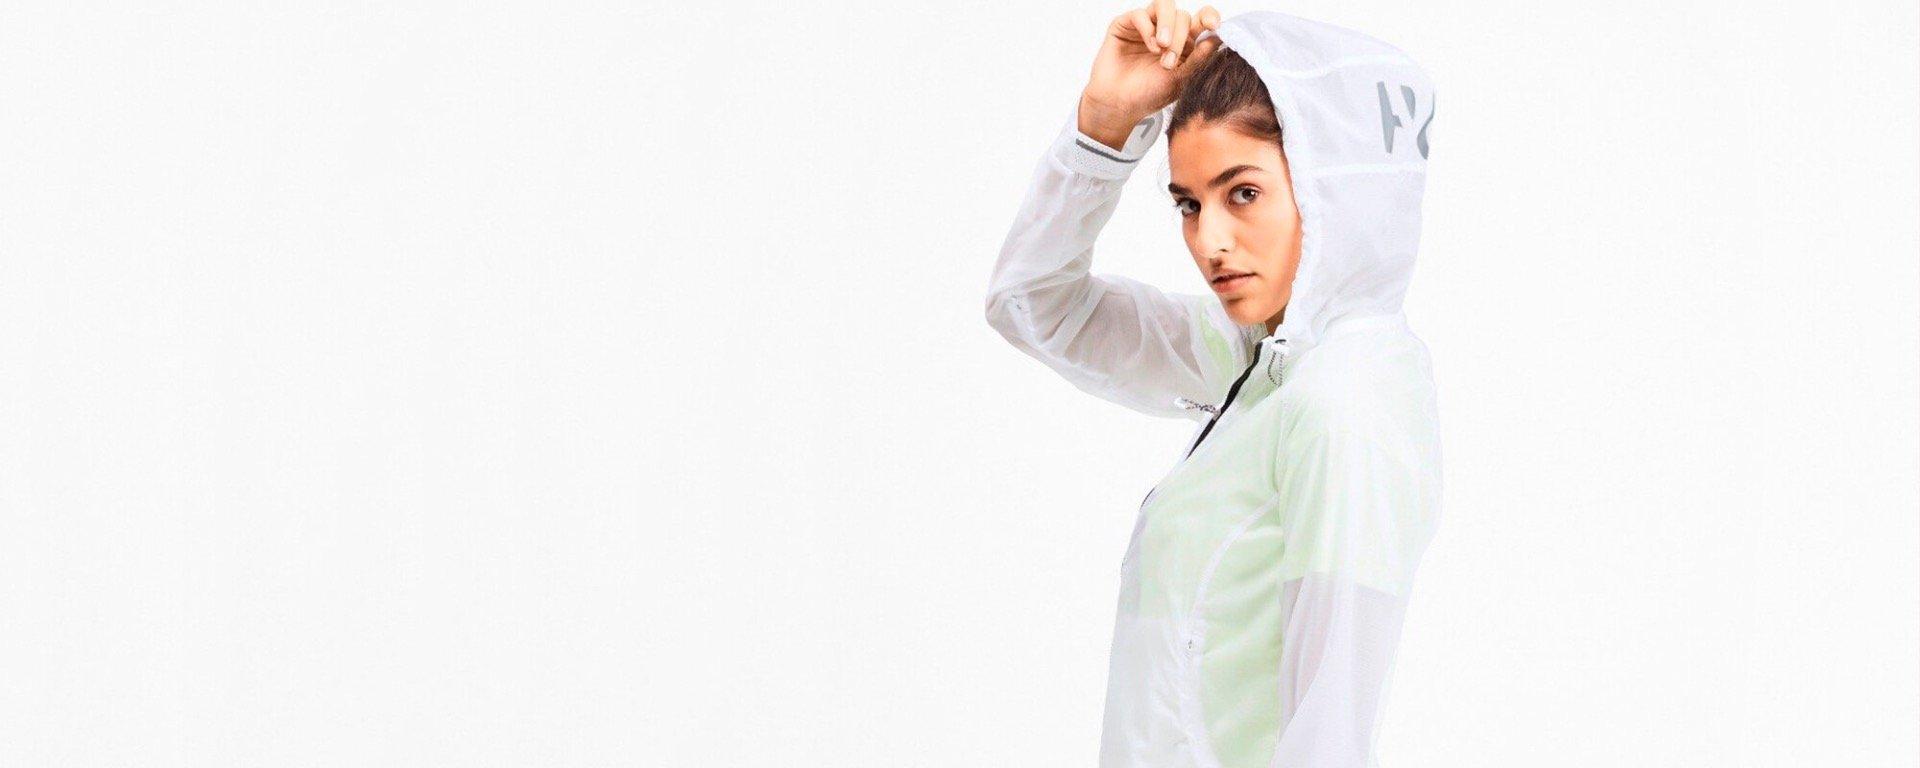 Køb PUMA dame løbetøj, t-shirts med print, højtaljede løbetights og løbesko på kaisersport.dk. Fri fragt og 365 dages retur.